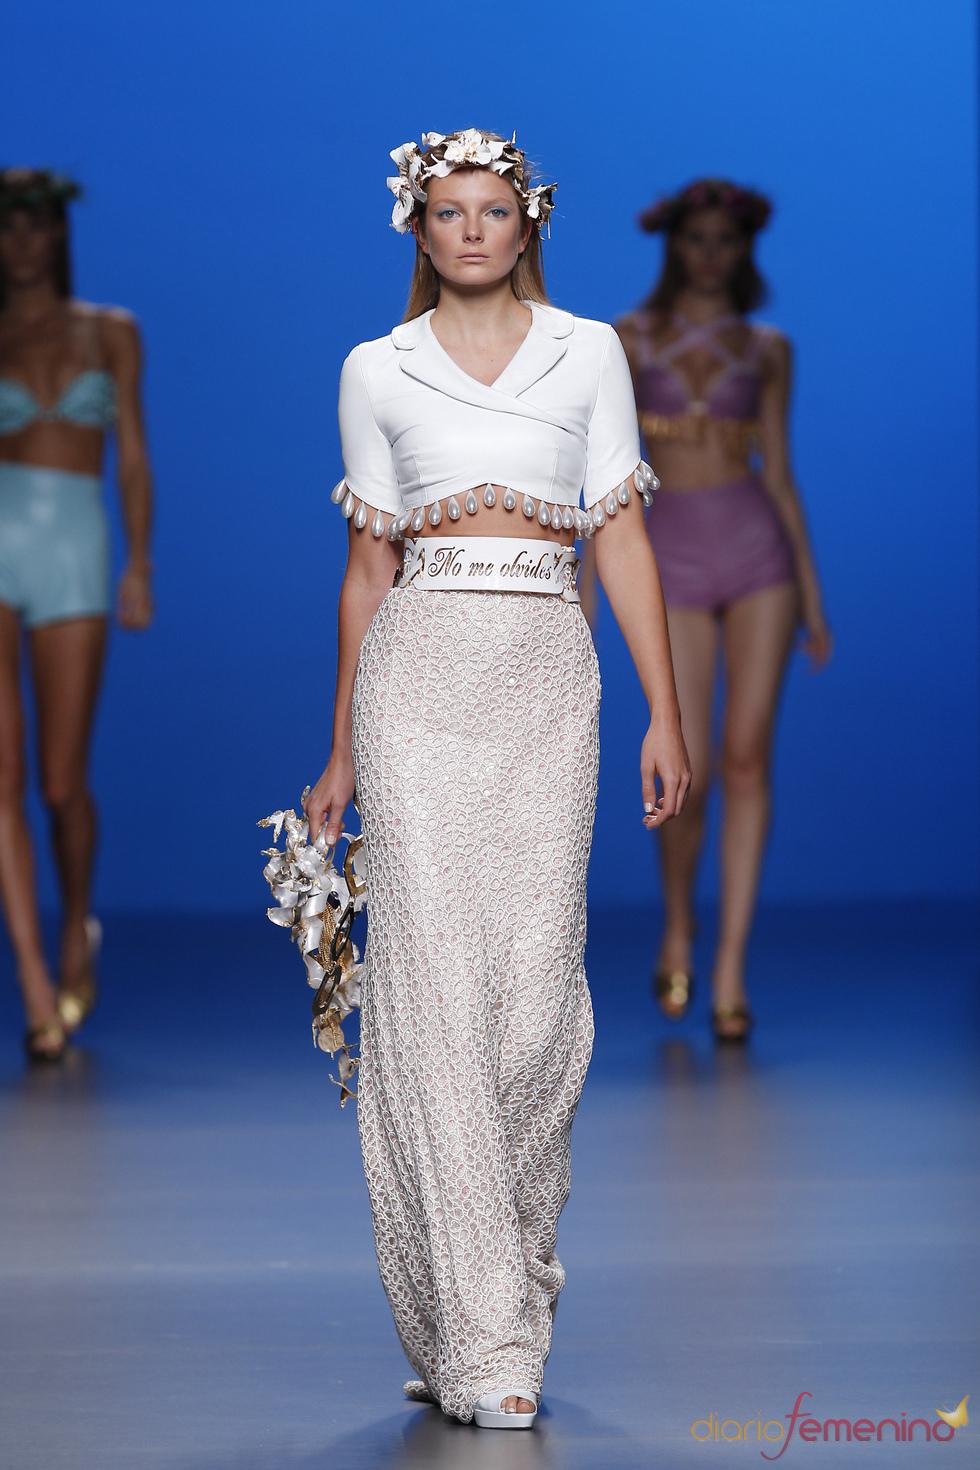 Maria Escoté titula como 'No me olvides' su desfile en la Madrid Fashion Week